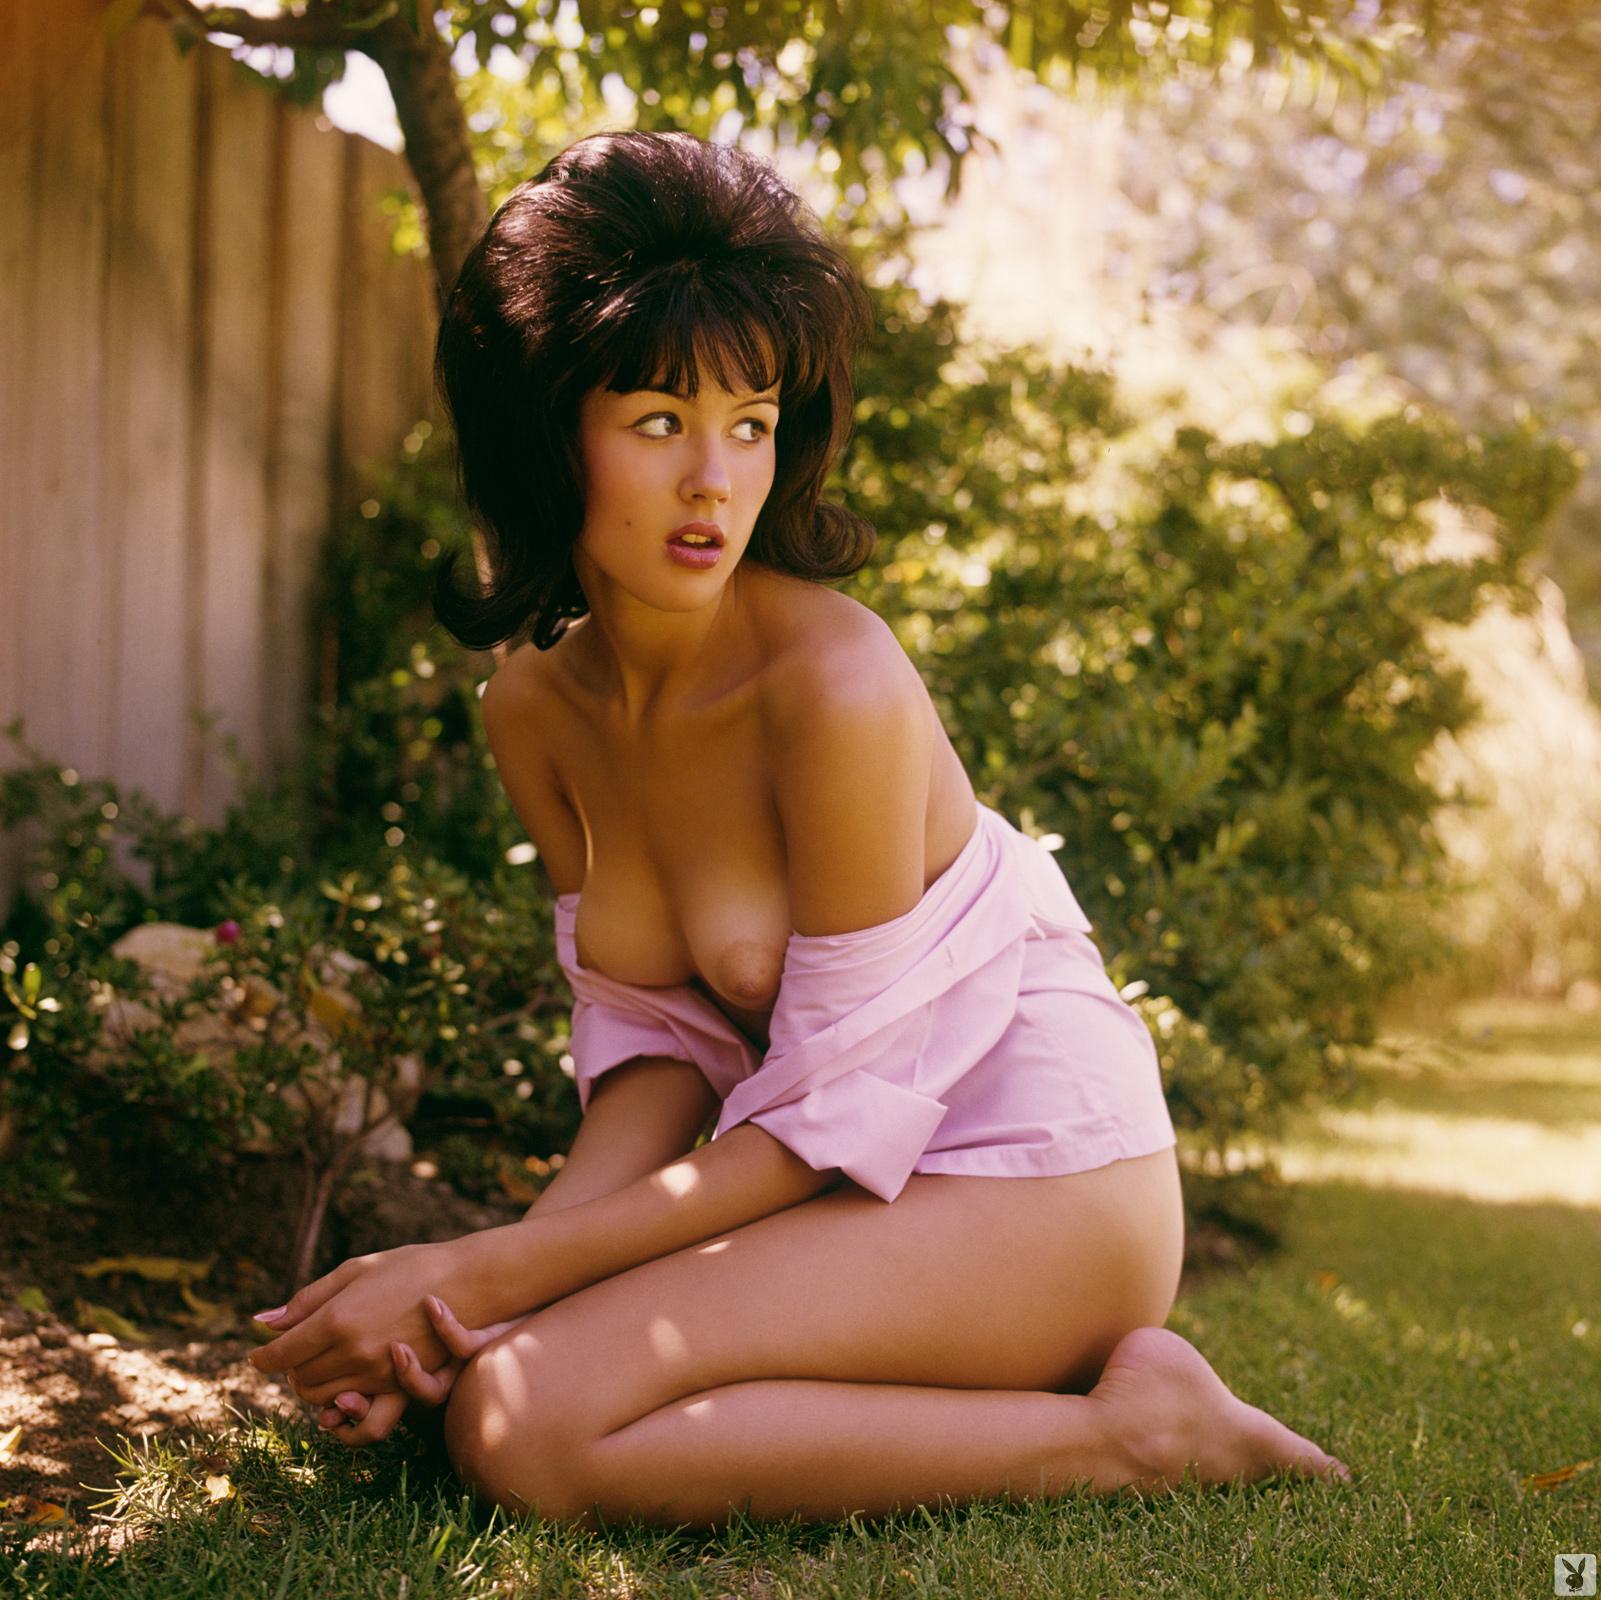 hedy scott nude  hedy-scott-miss-june-1960-vintage-playboy-10